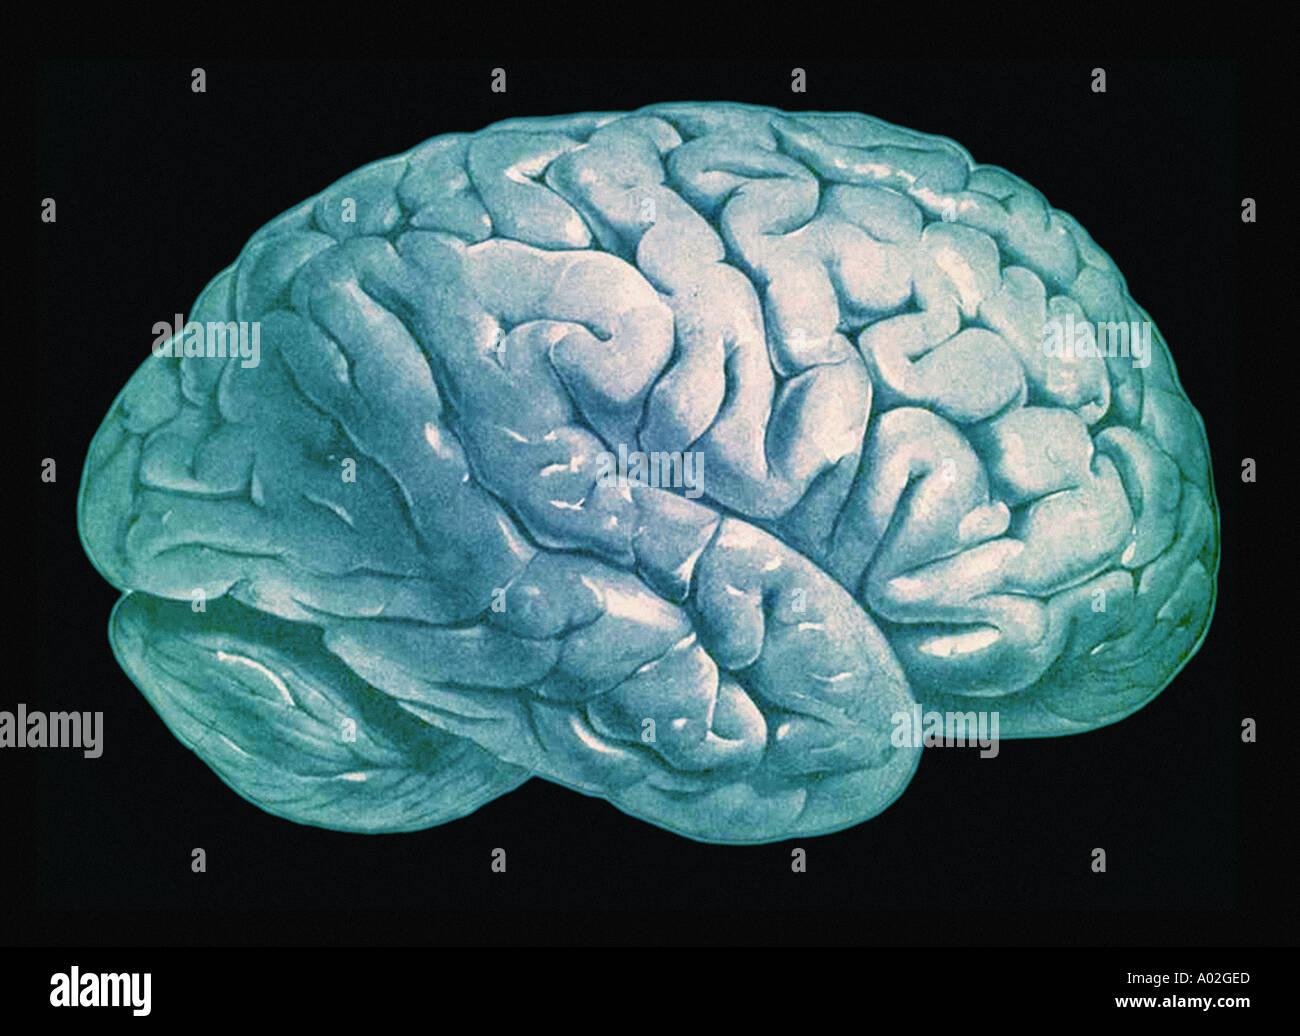 Gehirn-Illustration aus alten menschlichen Anatomie Buch Stockfoto ...